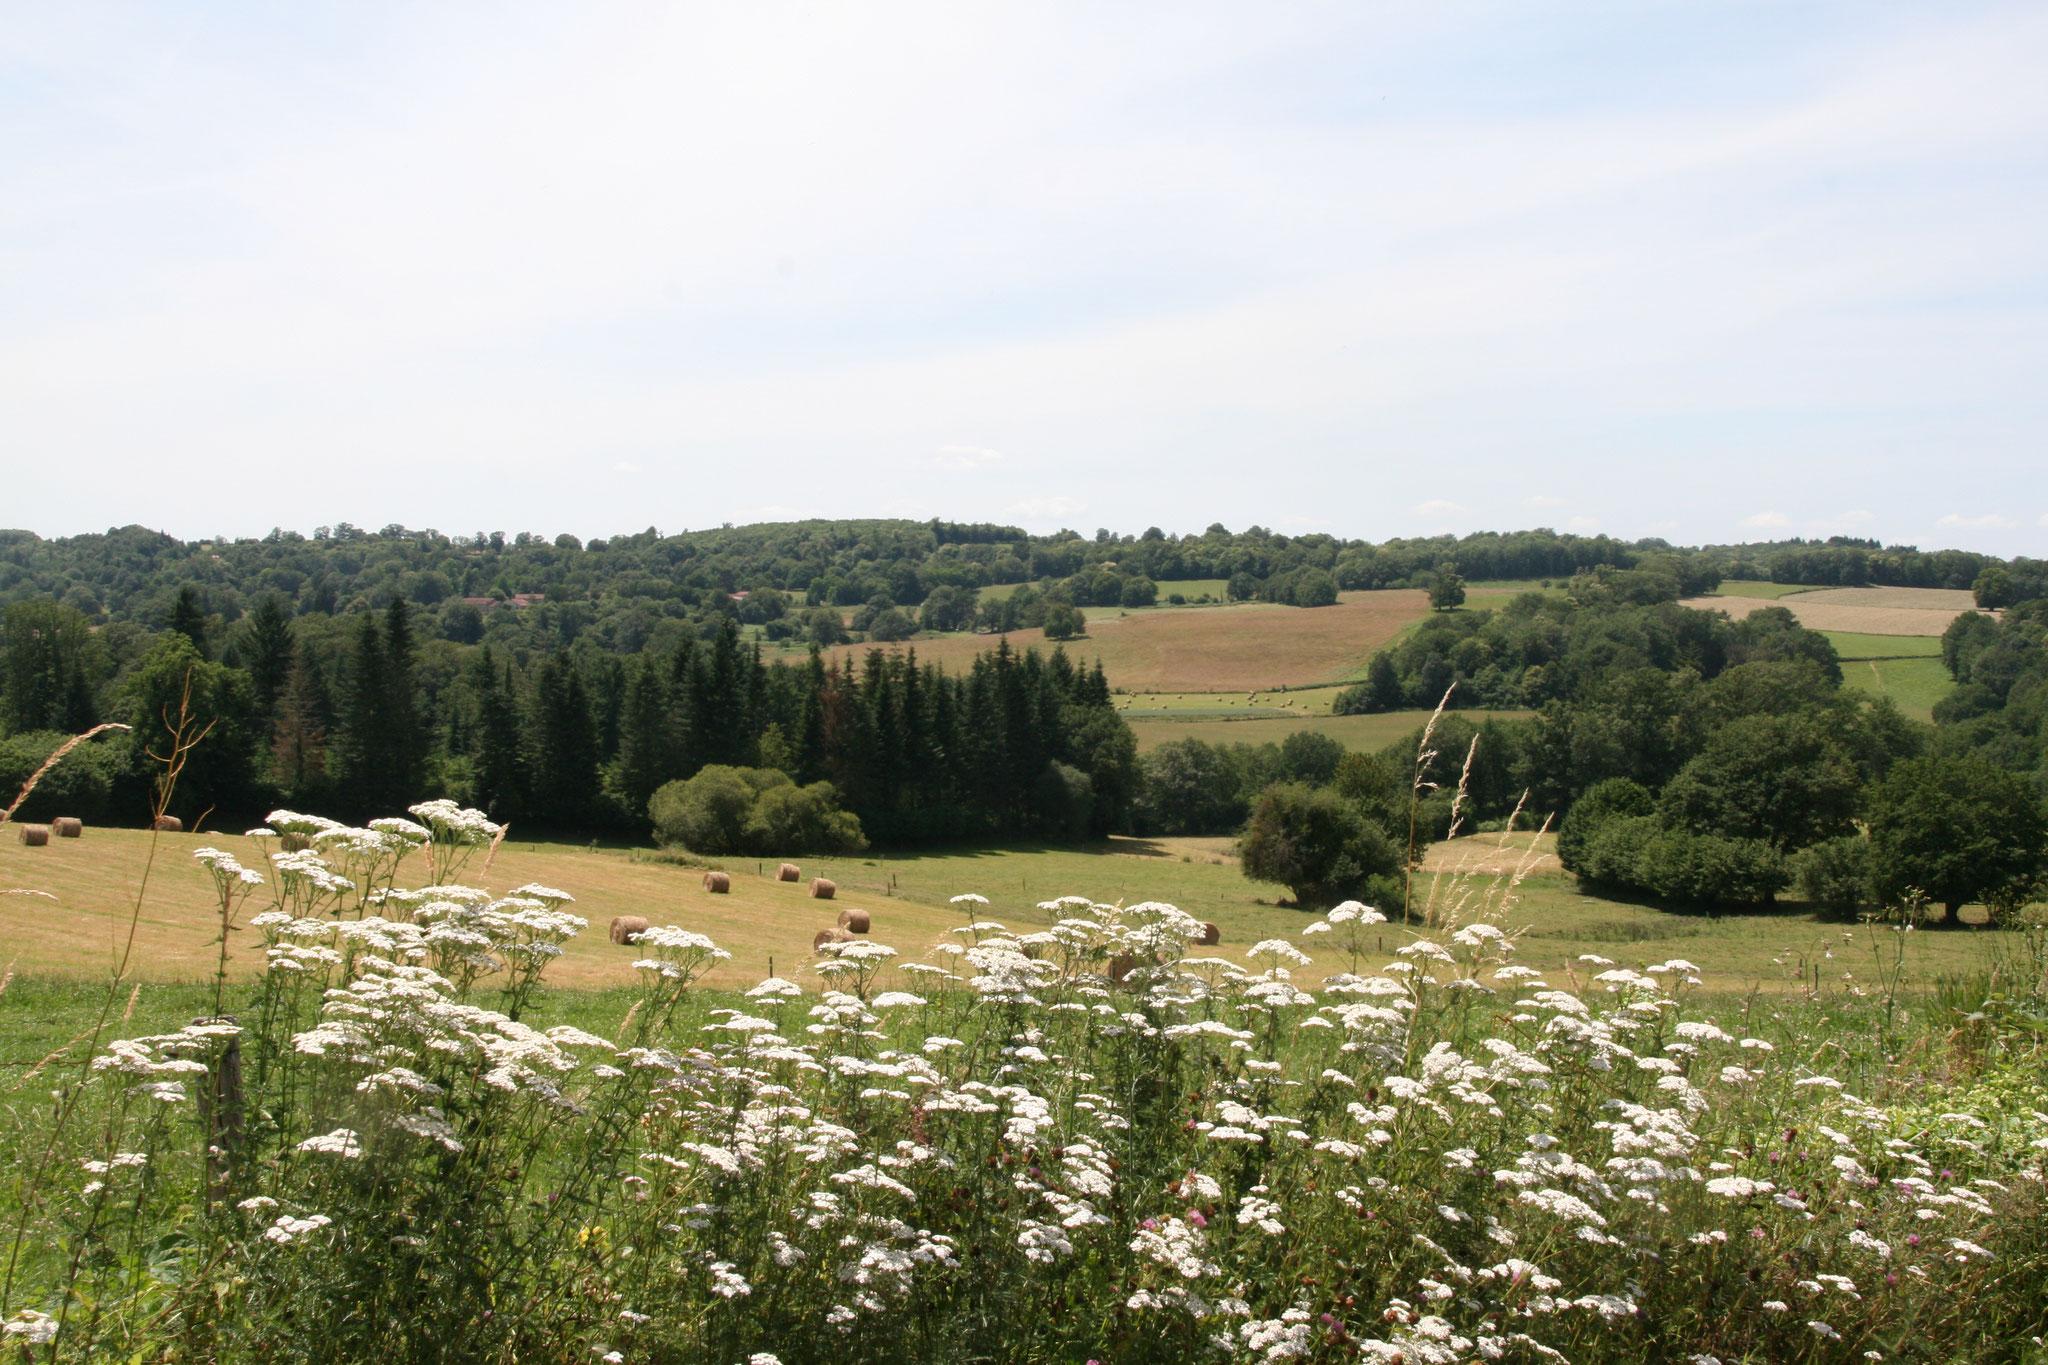 Un paysage bocager, côté ouest du territoire (commune de Saint-Denis-des-Murs).